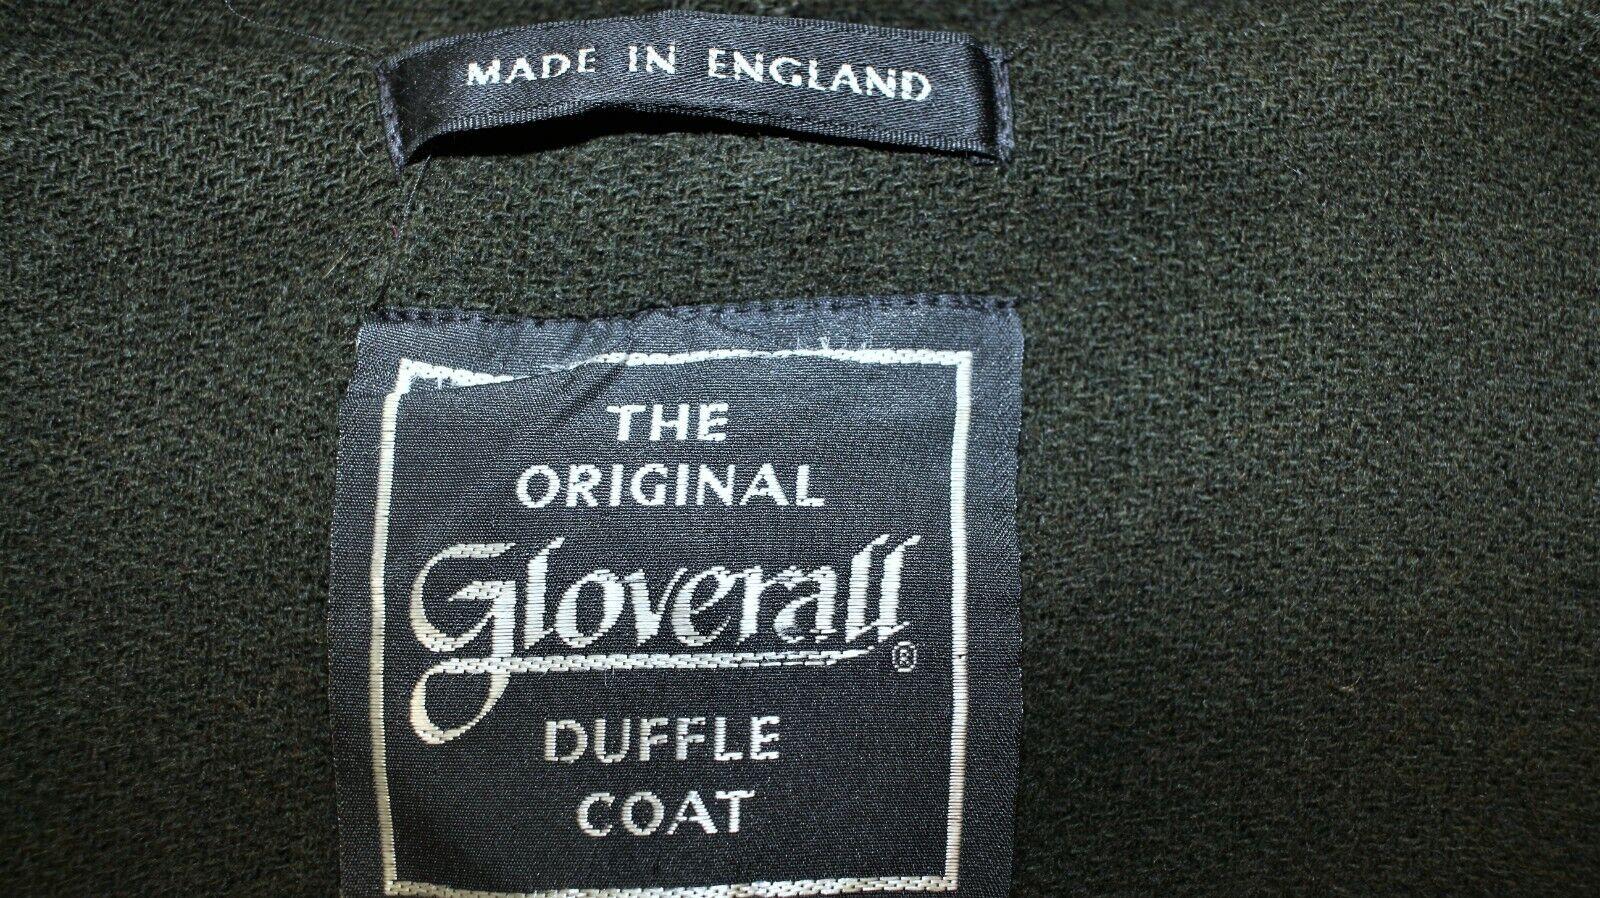 Duffle coat femme gloverall vtg 100% laine vert kaki taille l made in england